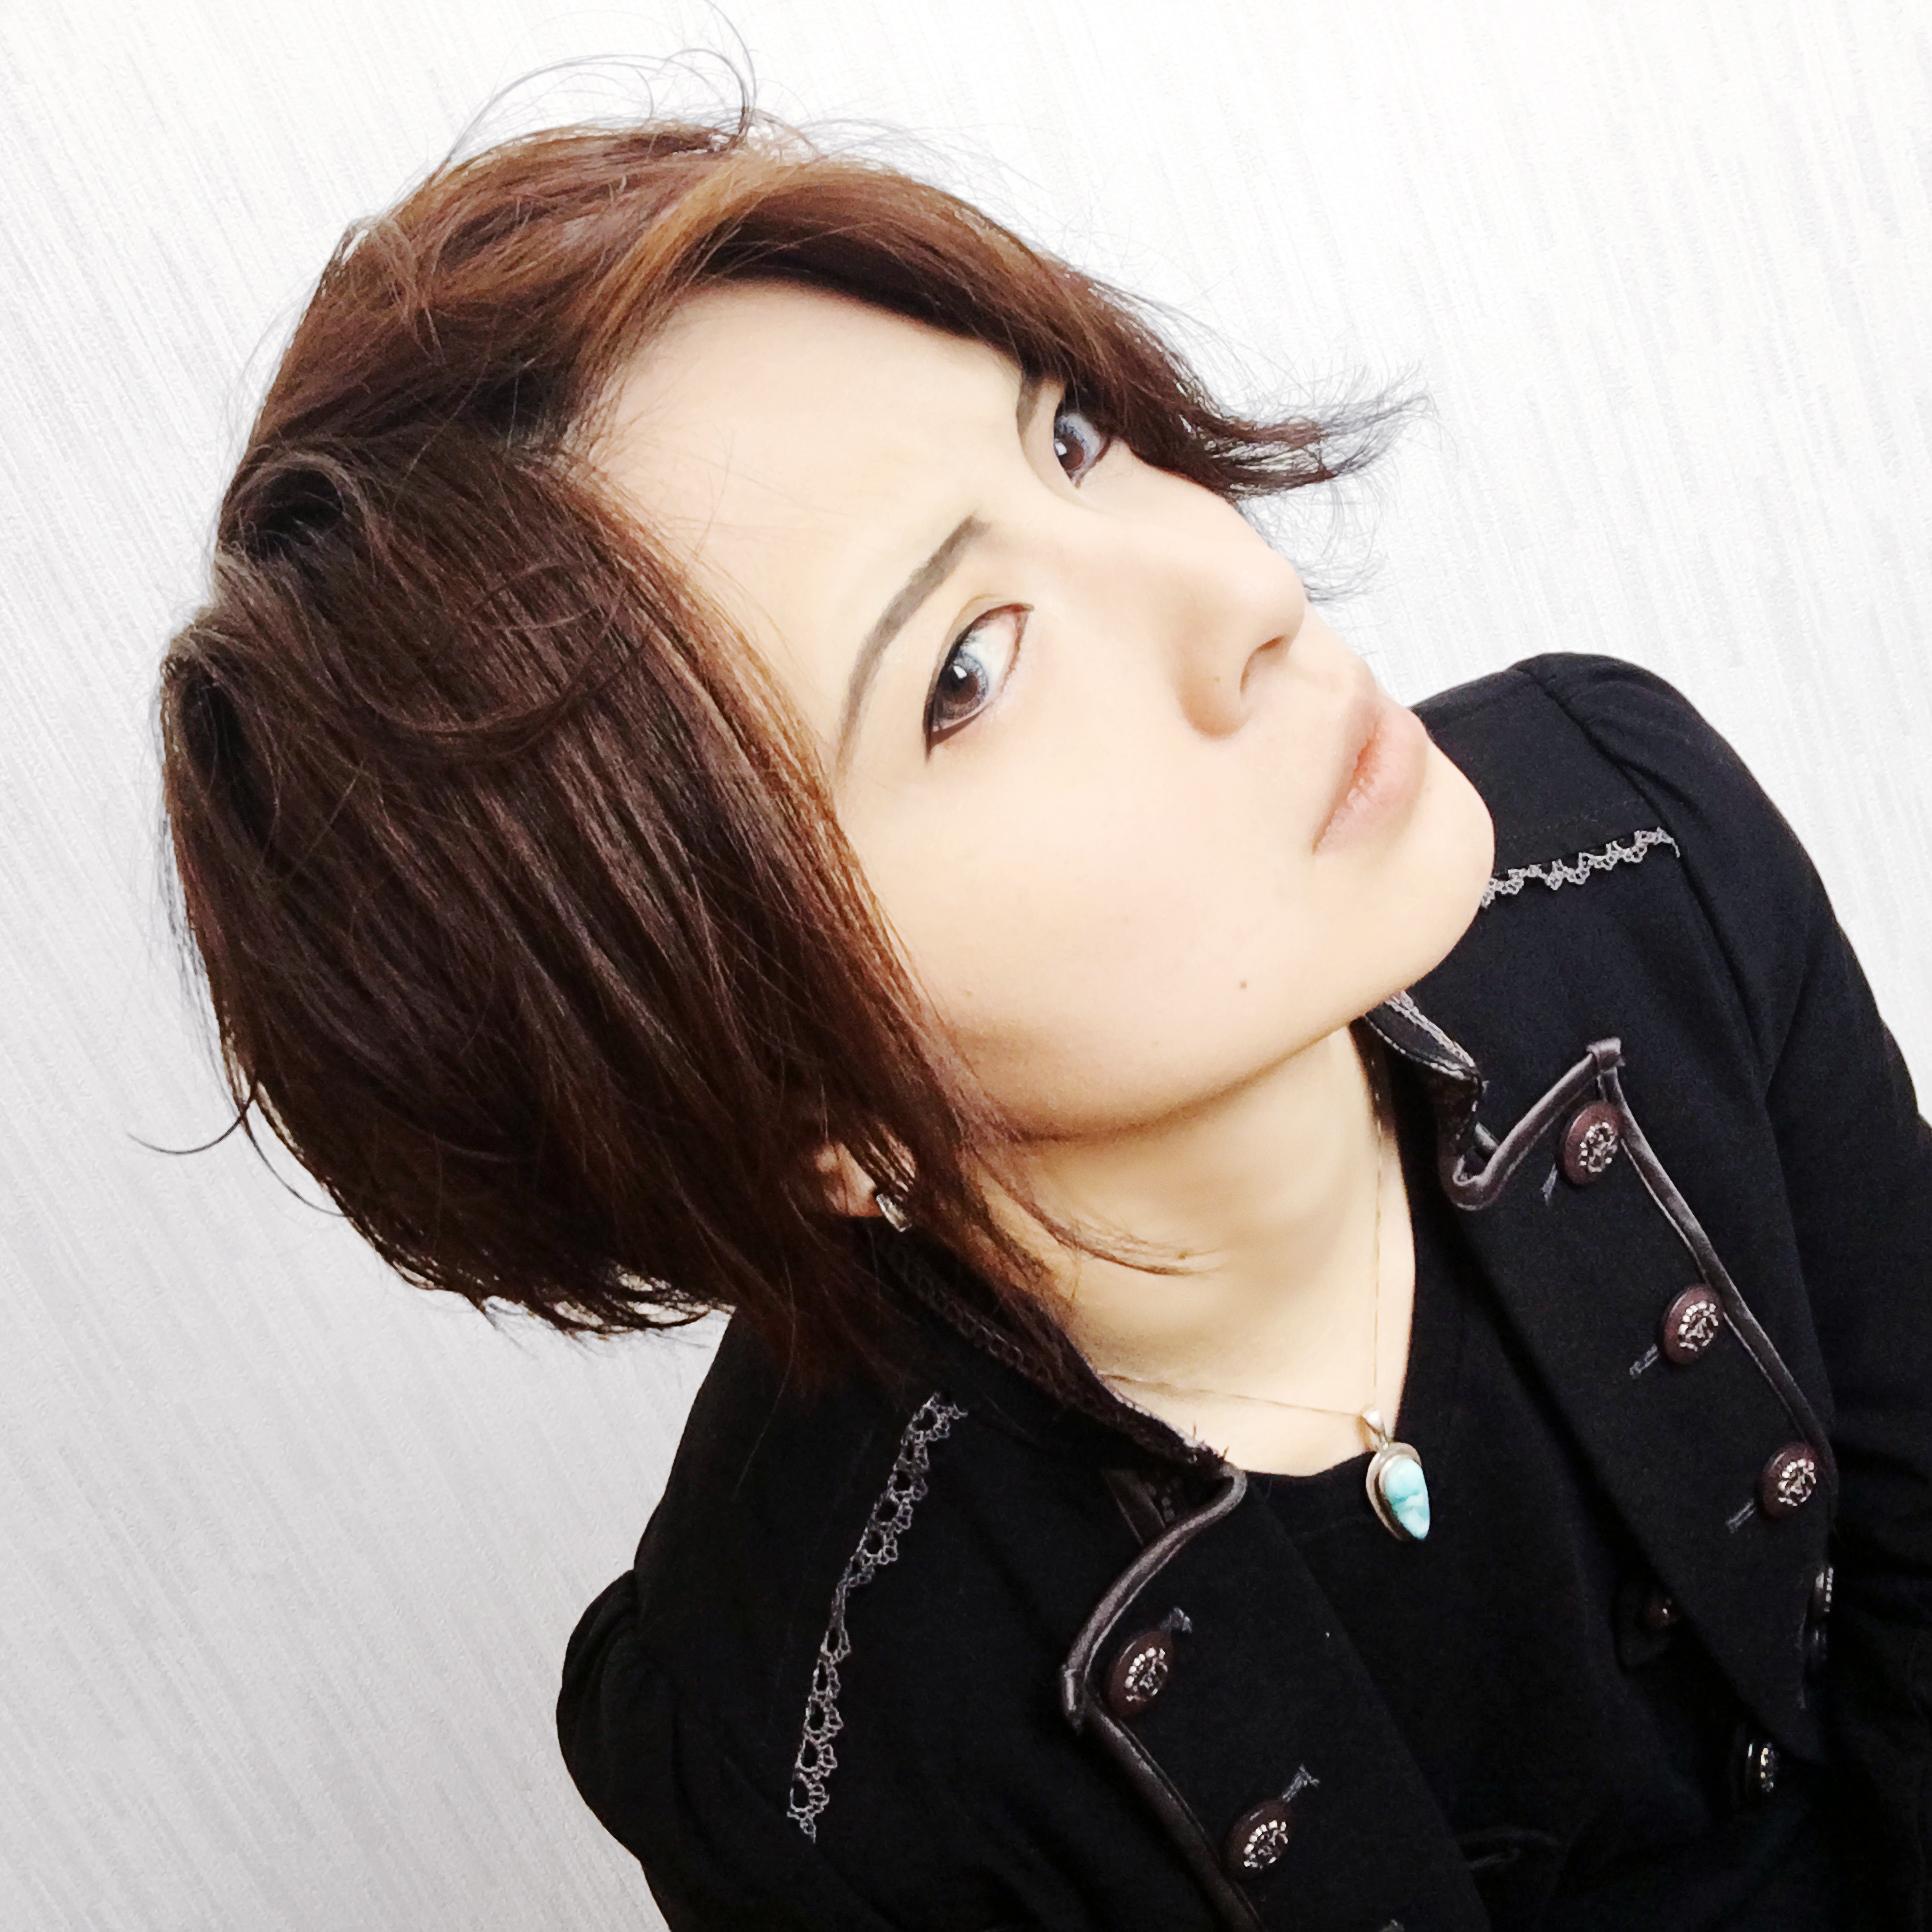 森山さん、NEXTYLEにてインタビュー動画掲載!